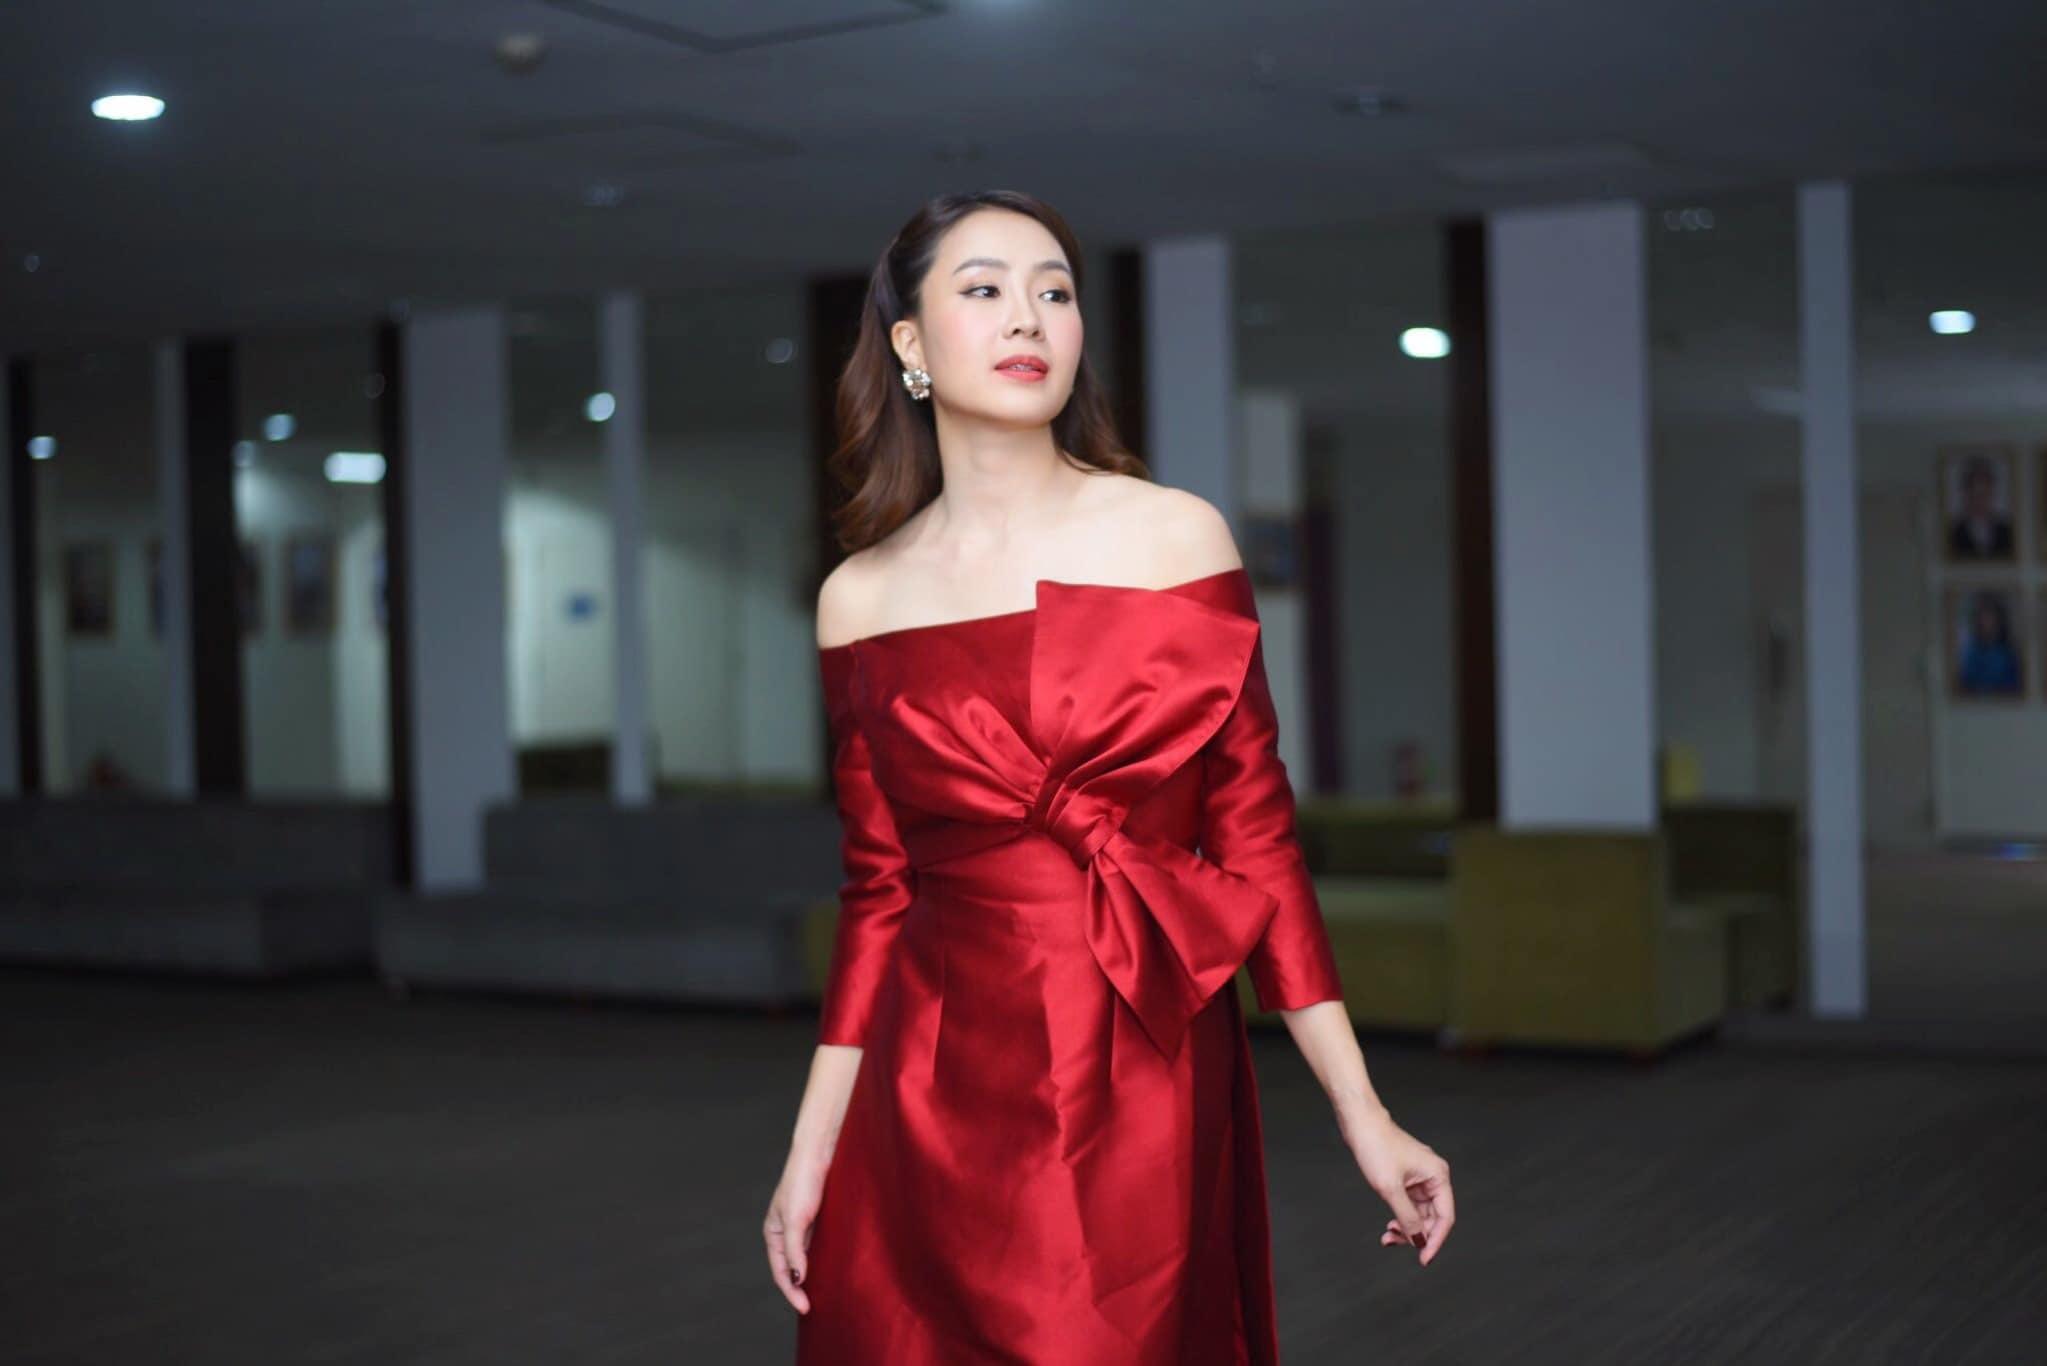 Hồng Diễm: Đôi khi tôi thấy nhàm chán với dạng vai hiền lành, cam chịu